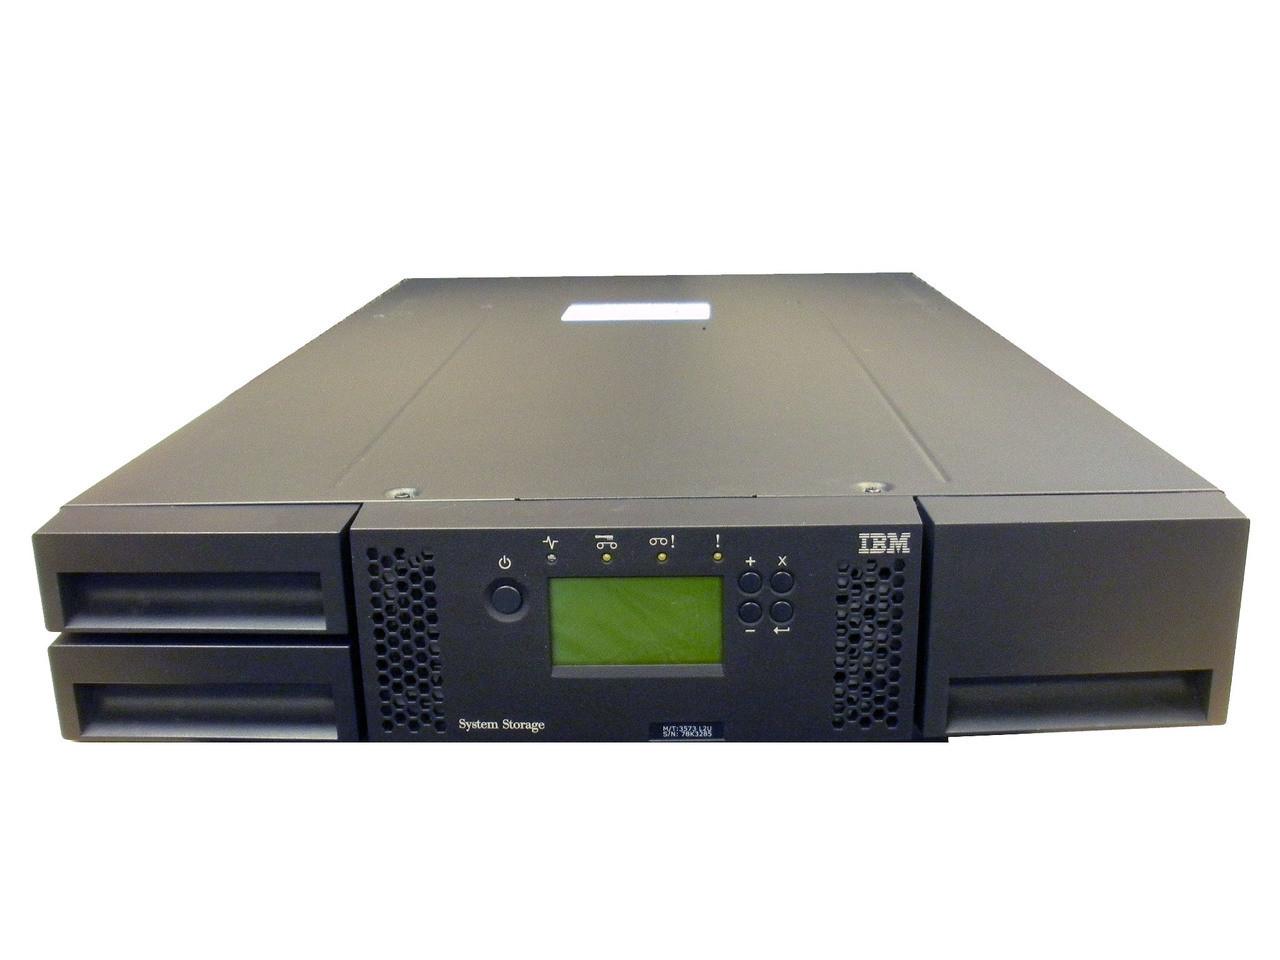 Ленточные библиотеки TS3100 и TS3200 (3573-L2U, L4U) - Б/У